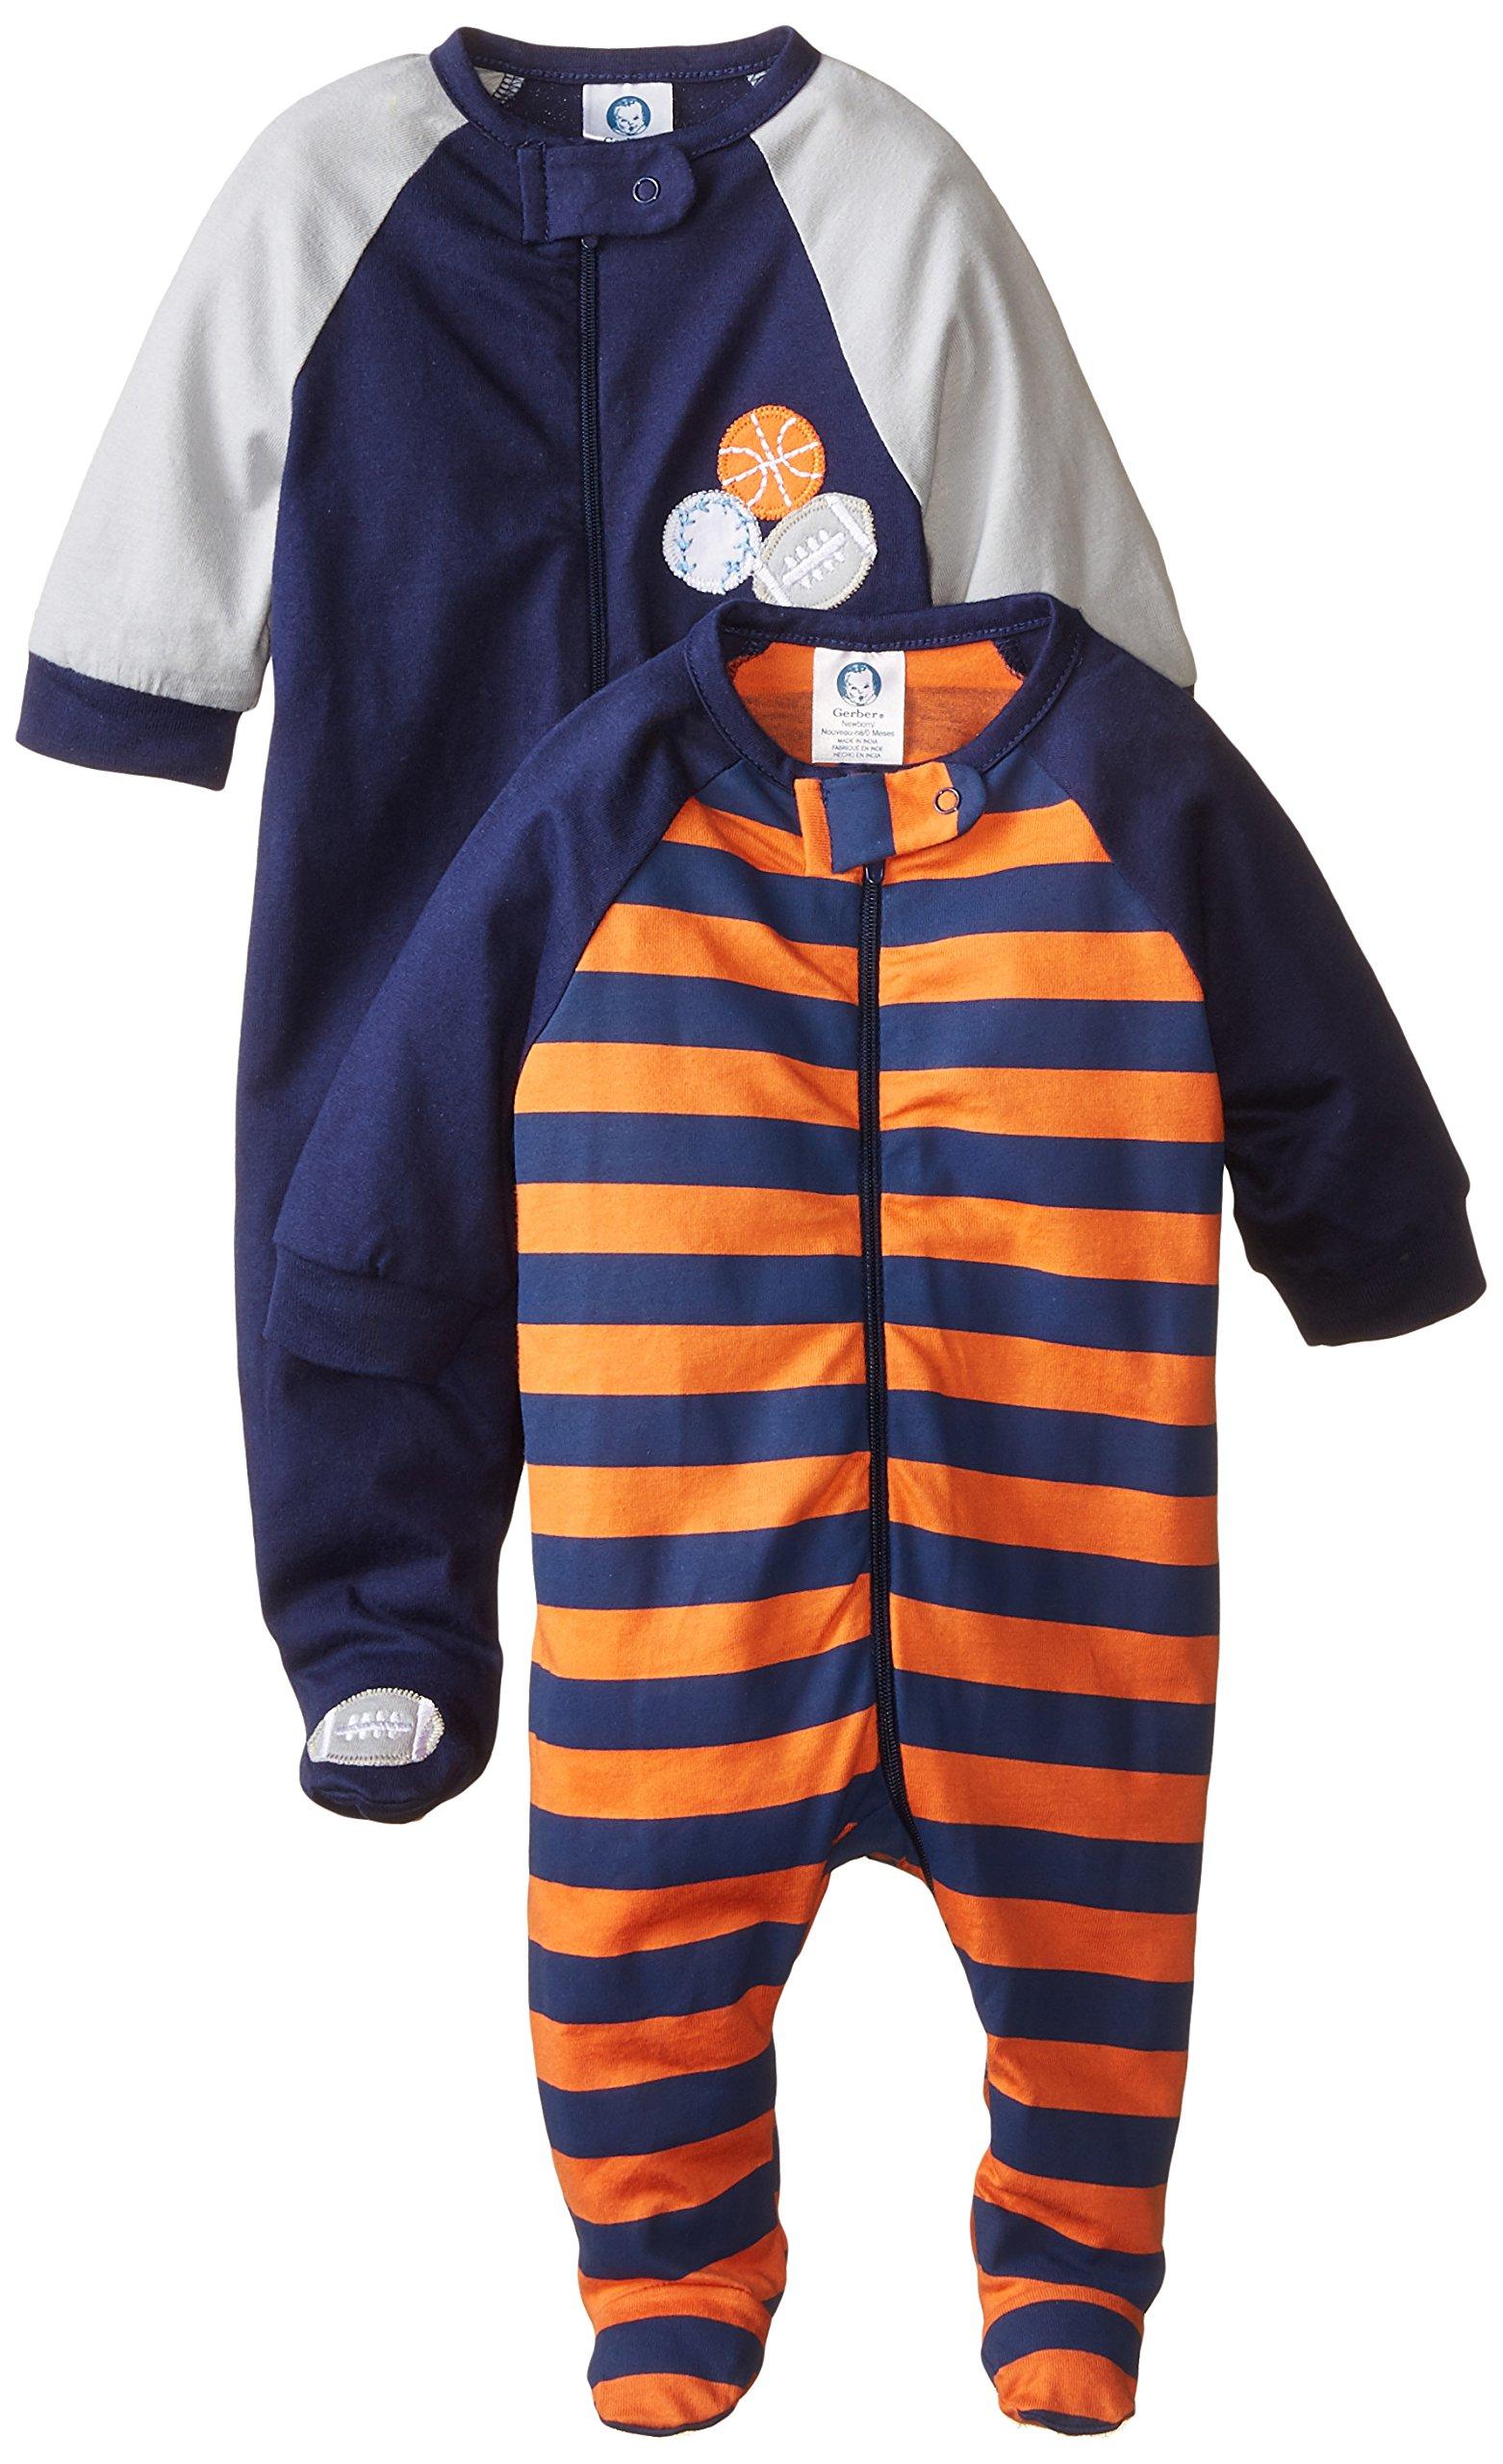 Gerber Baby Boys' 2 Pack Zip Front Sleep 'N Play, Sports, 0-3 Months